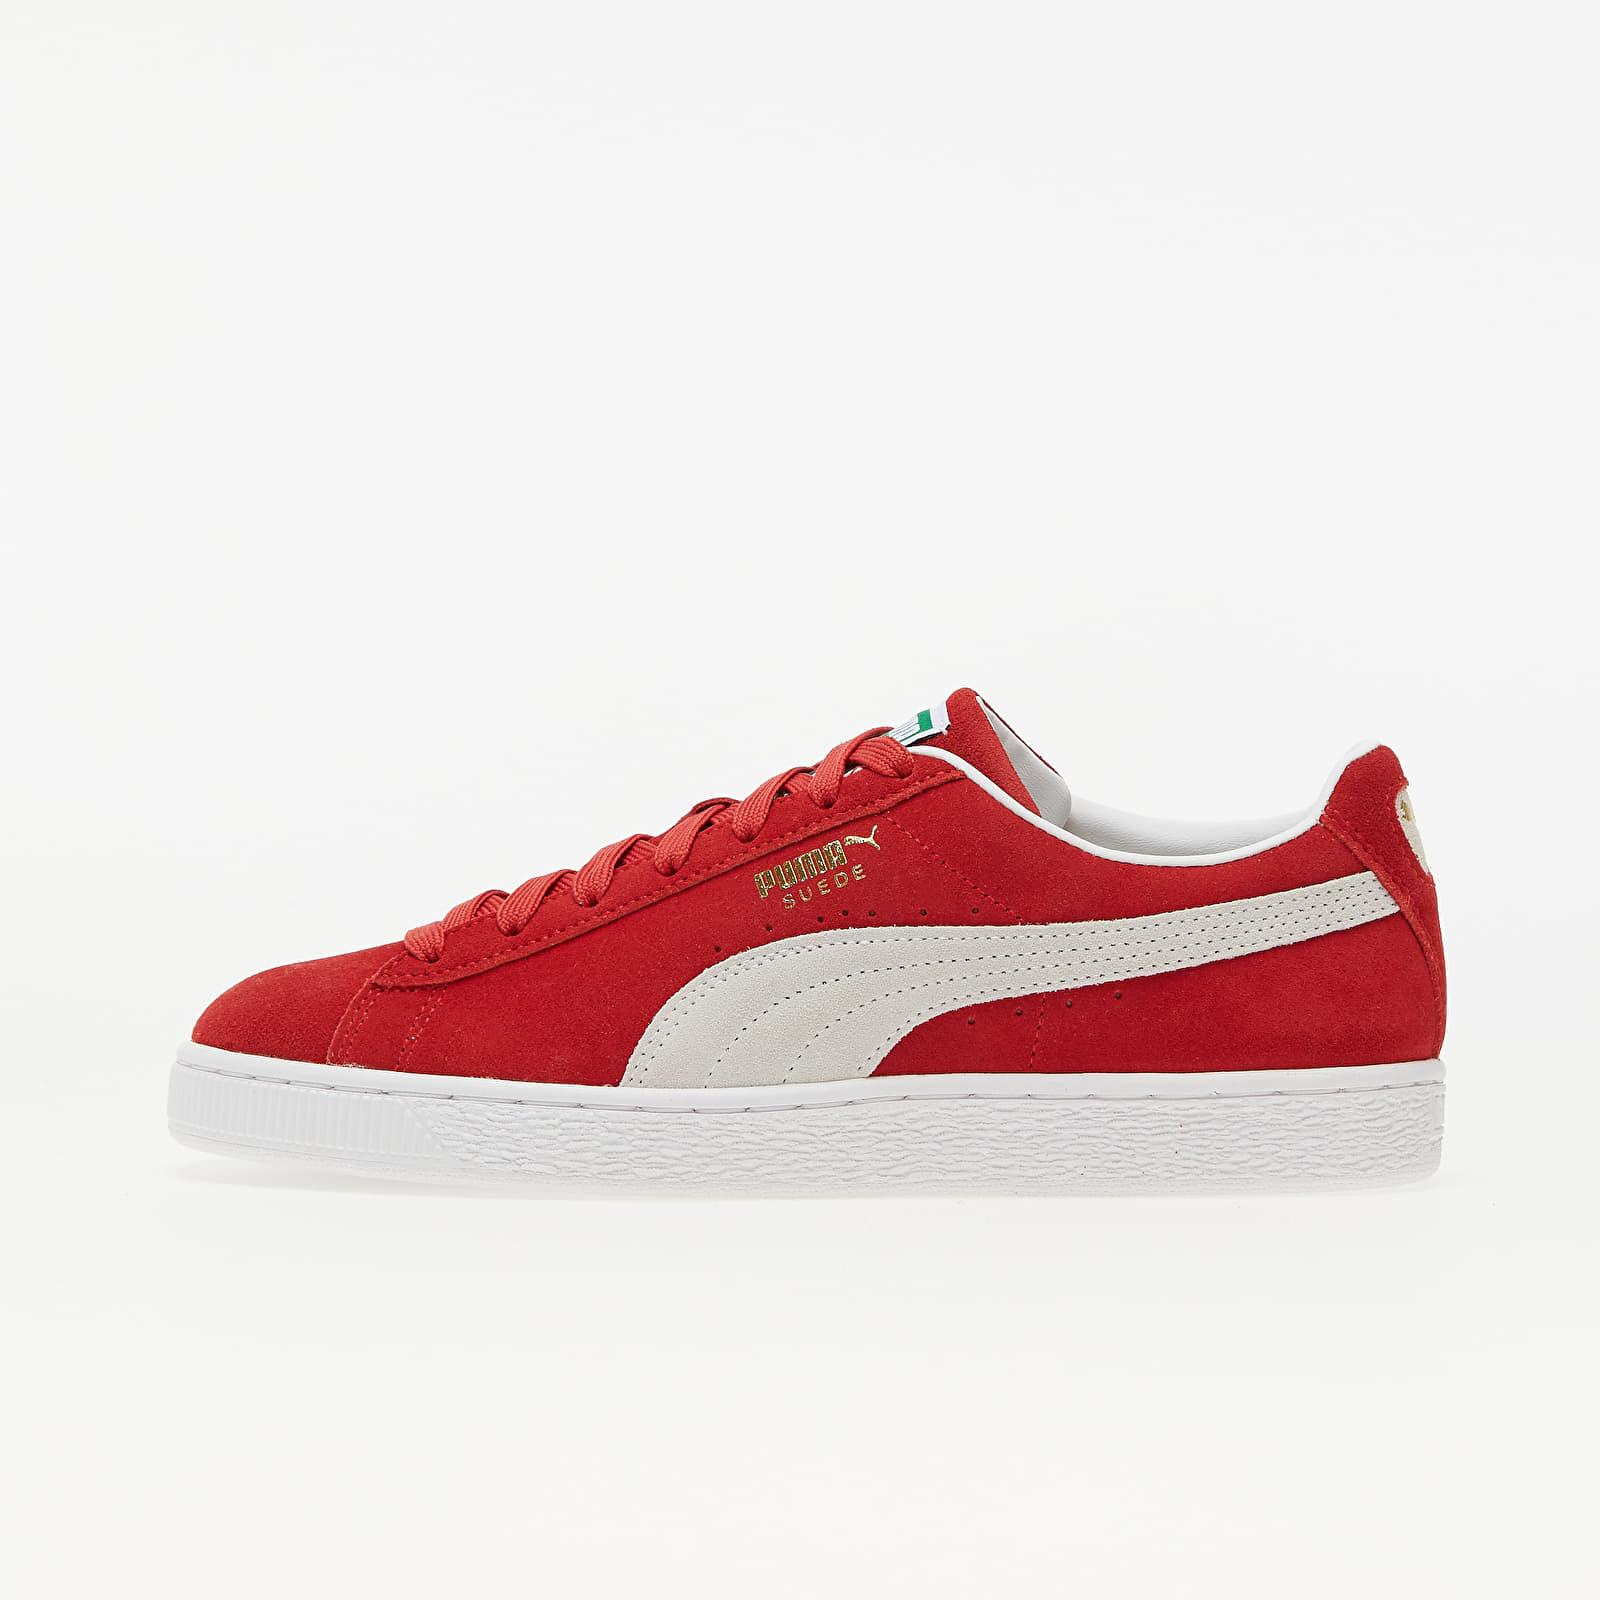 Puma Suede Classic XXI High Risk Red-Puma Whi EUR 42